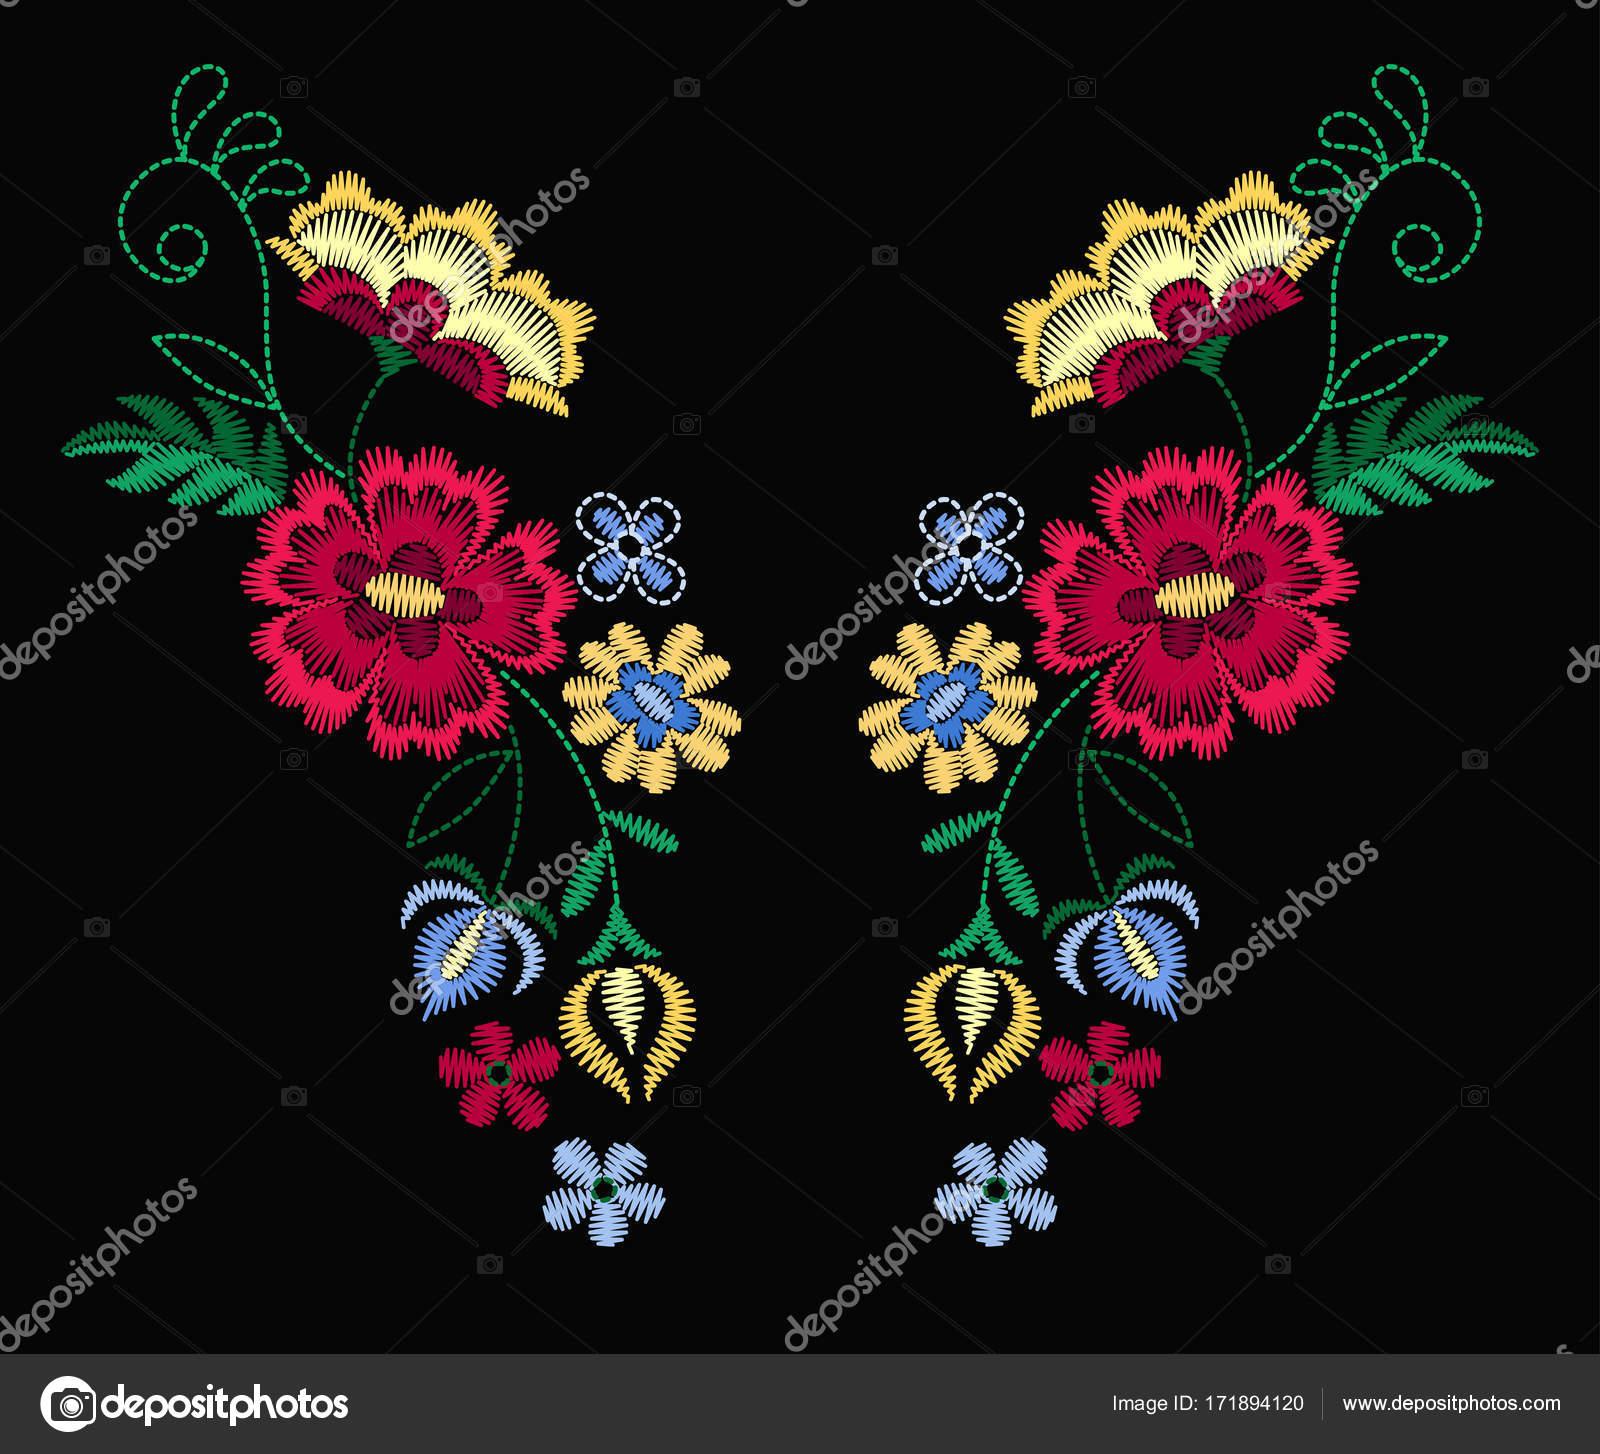 Vector Diseño Collar Camisetas Blusas Escote Flores Colores Étnicos Bordado  — Vector de stock 17e5930a4d843